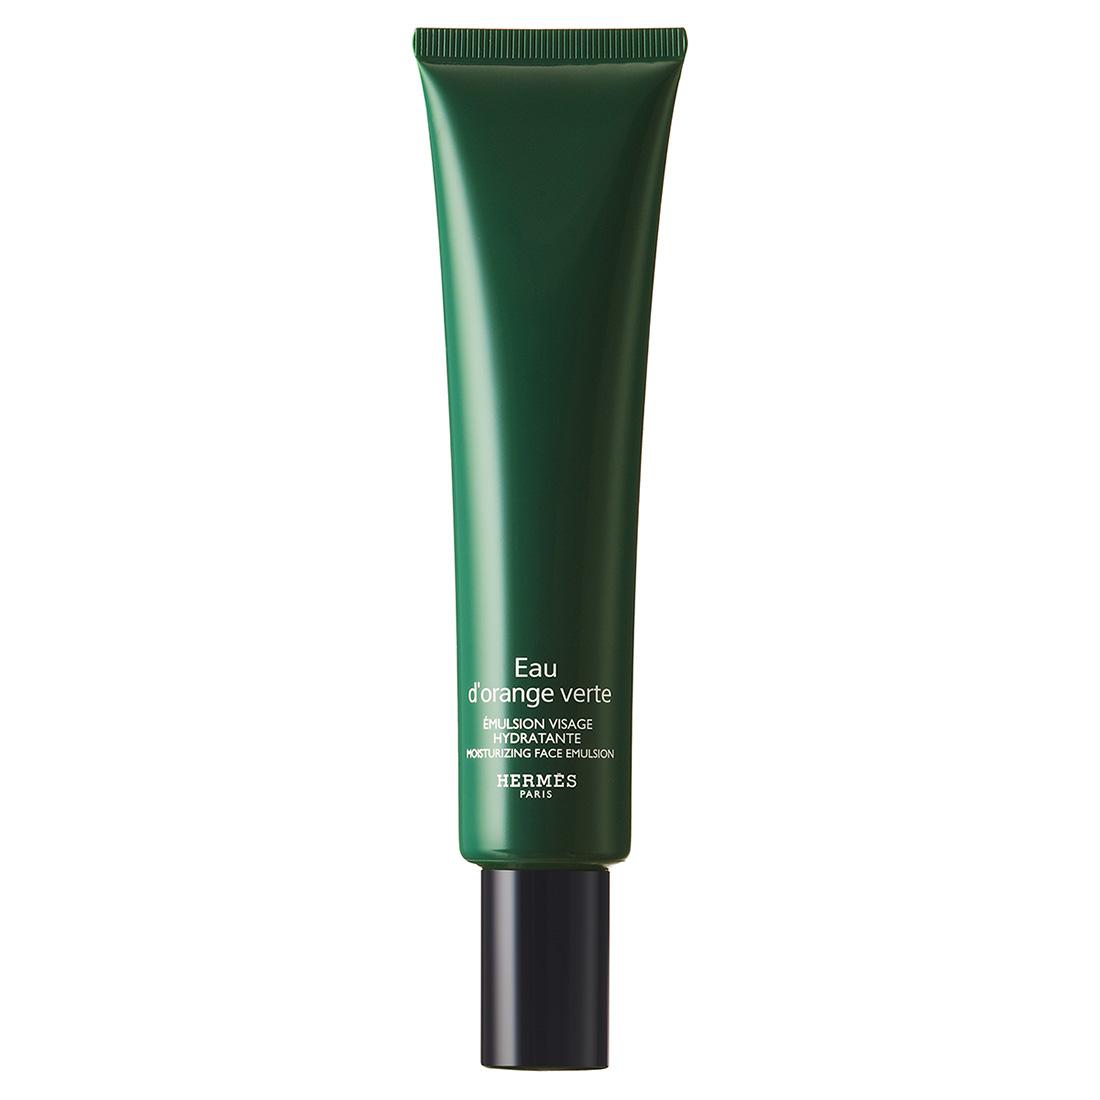 Hermès - Eau d'orange verte - Emulsion visage hydratante